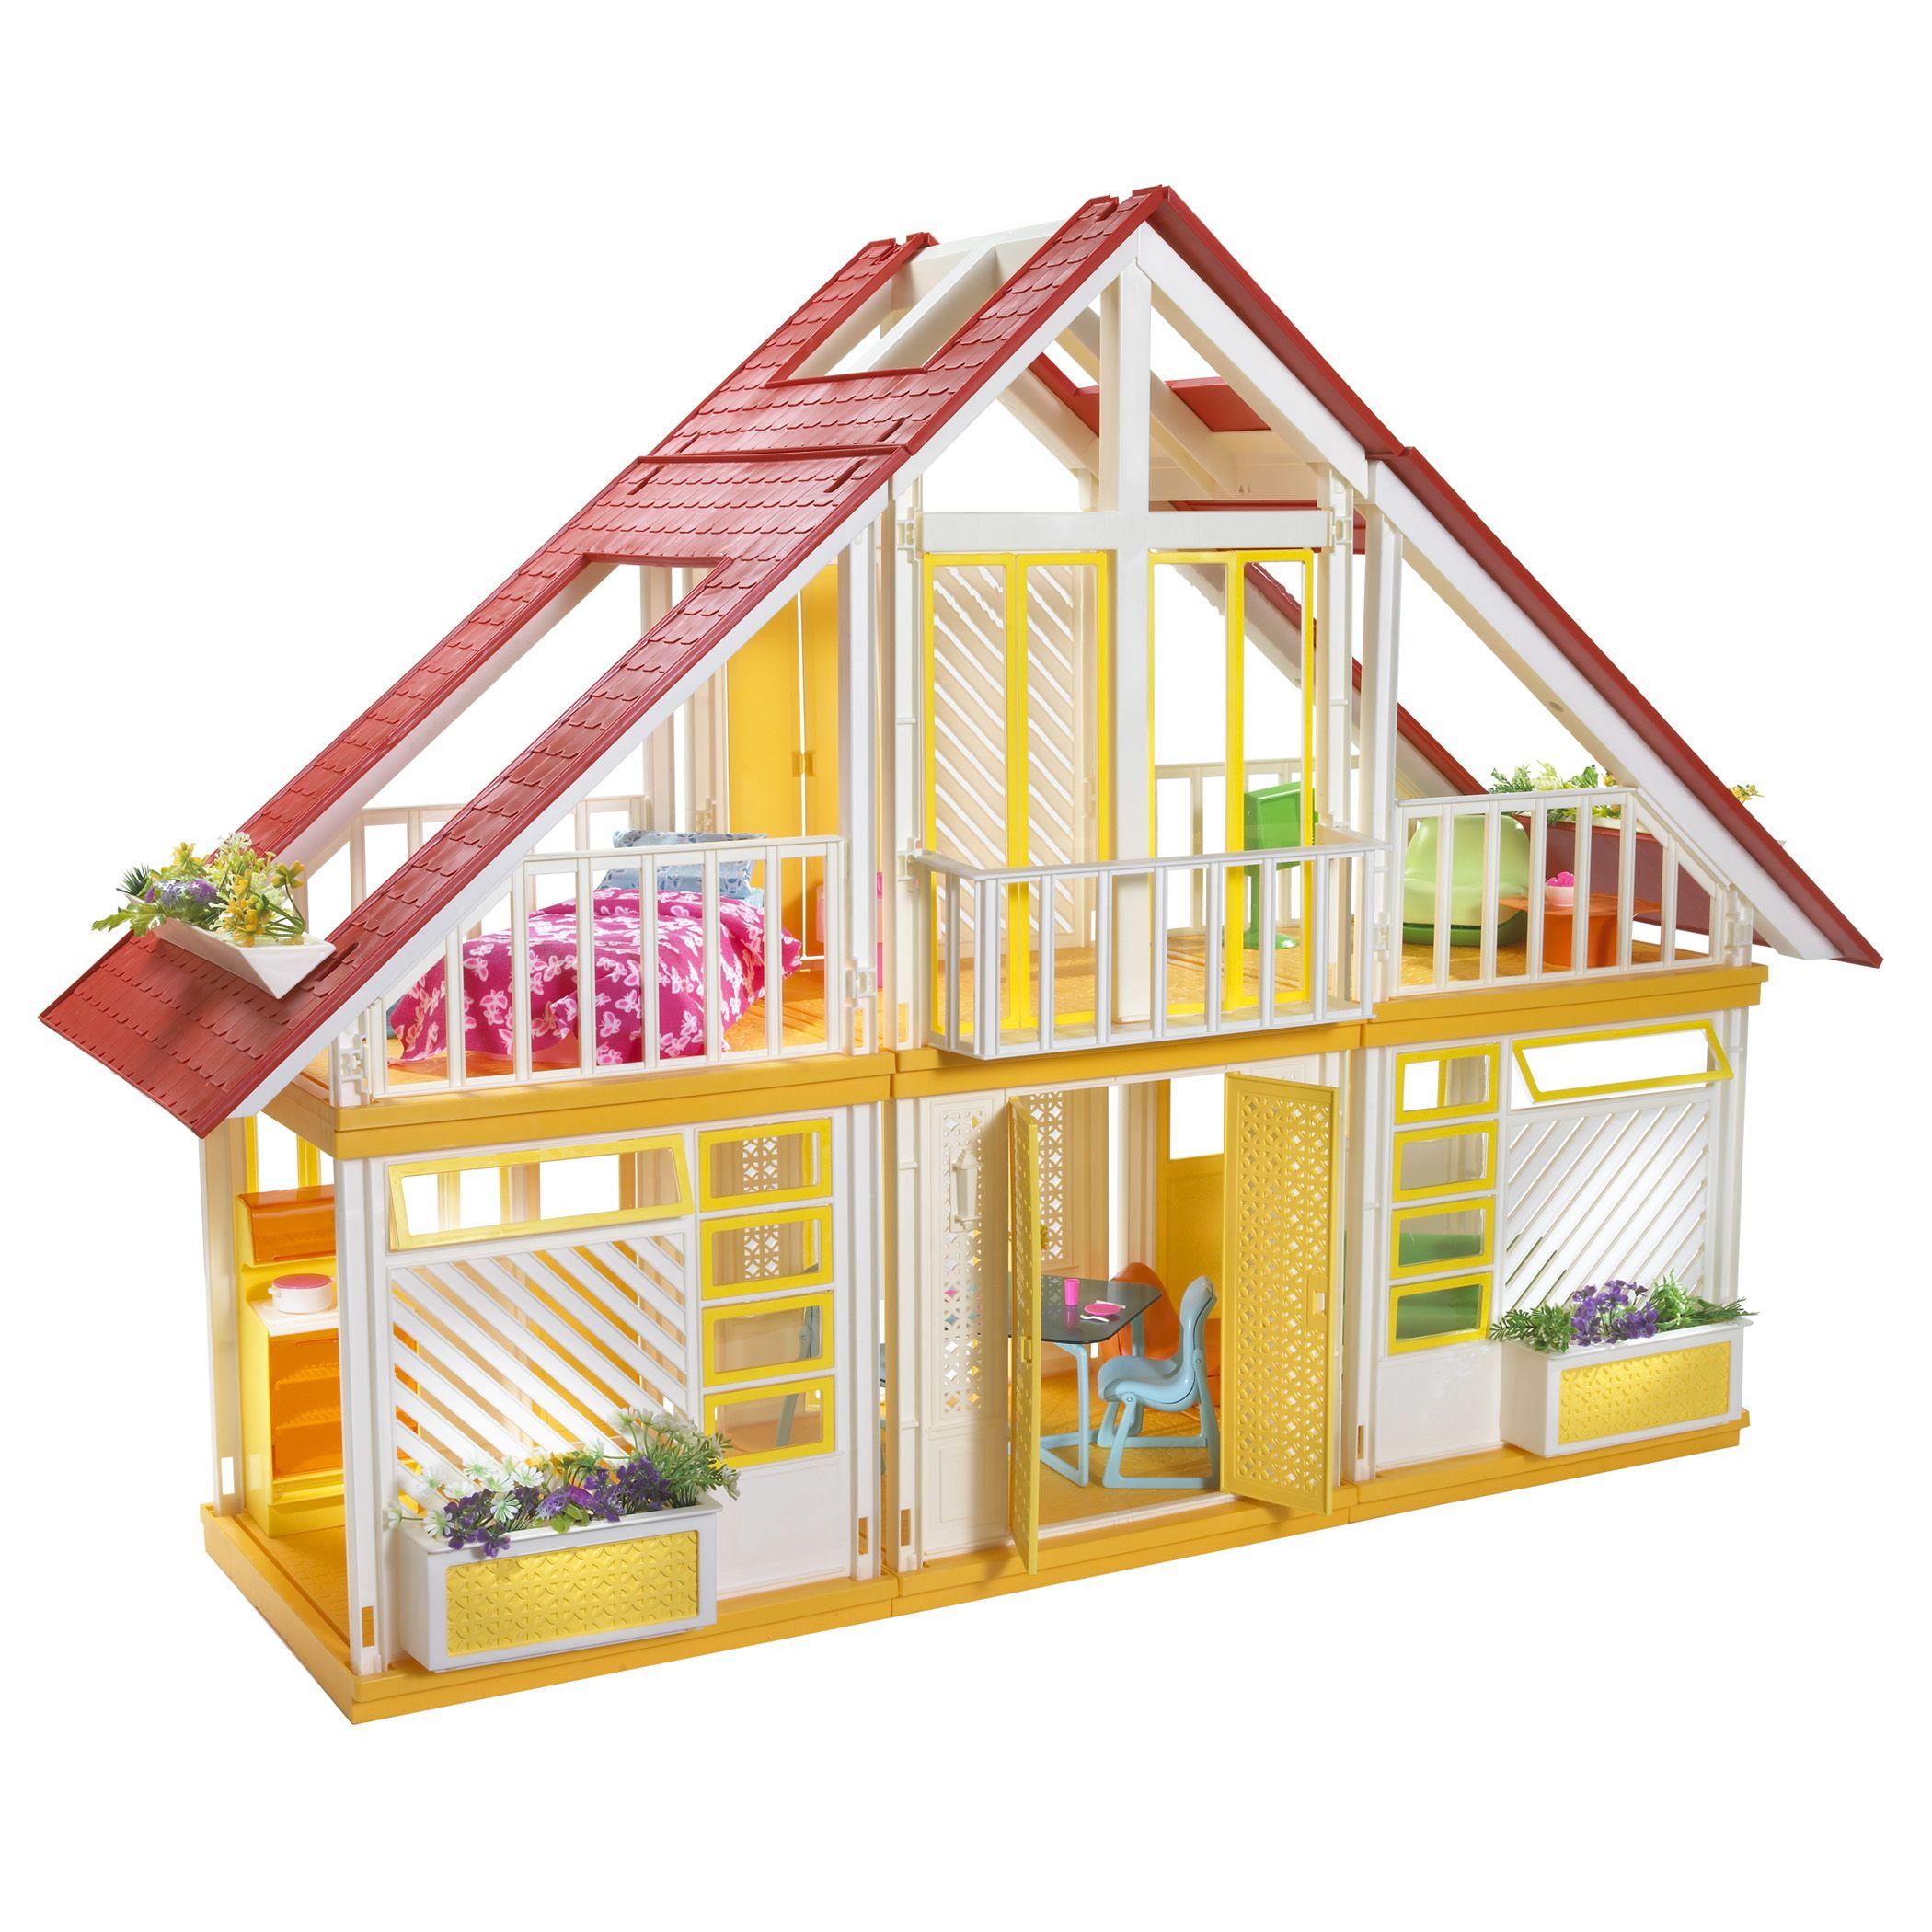 History Of Barbie Dream House Evolution Of Barbie Dream House